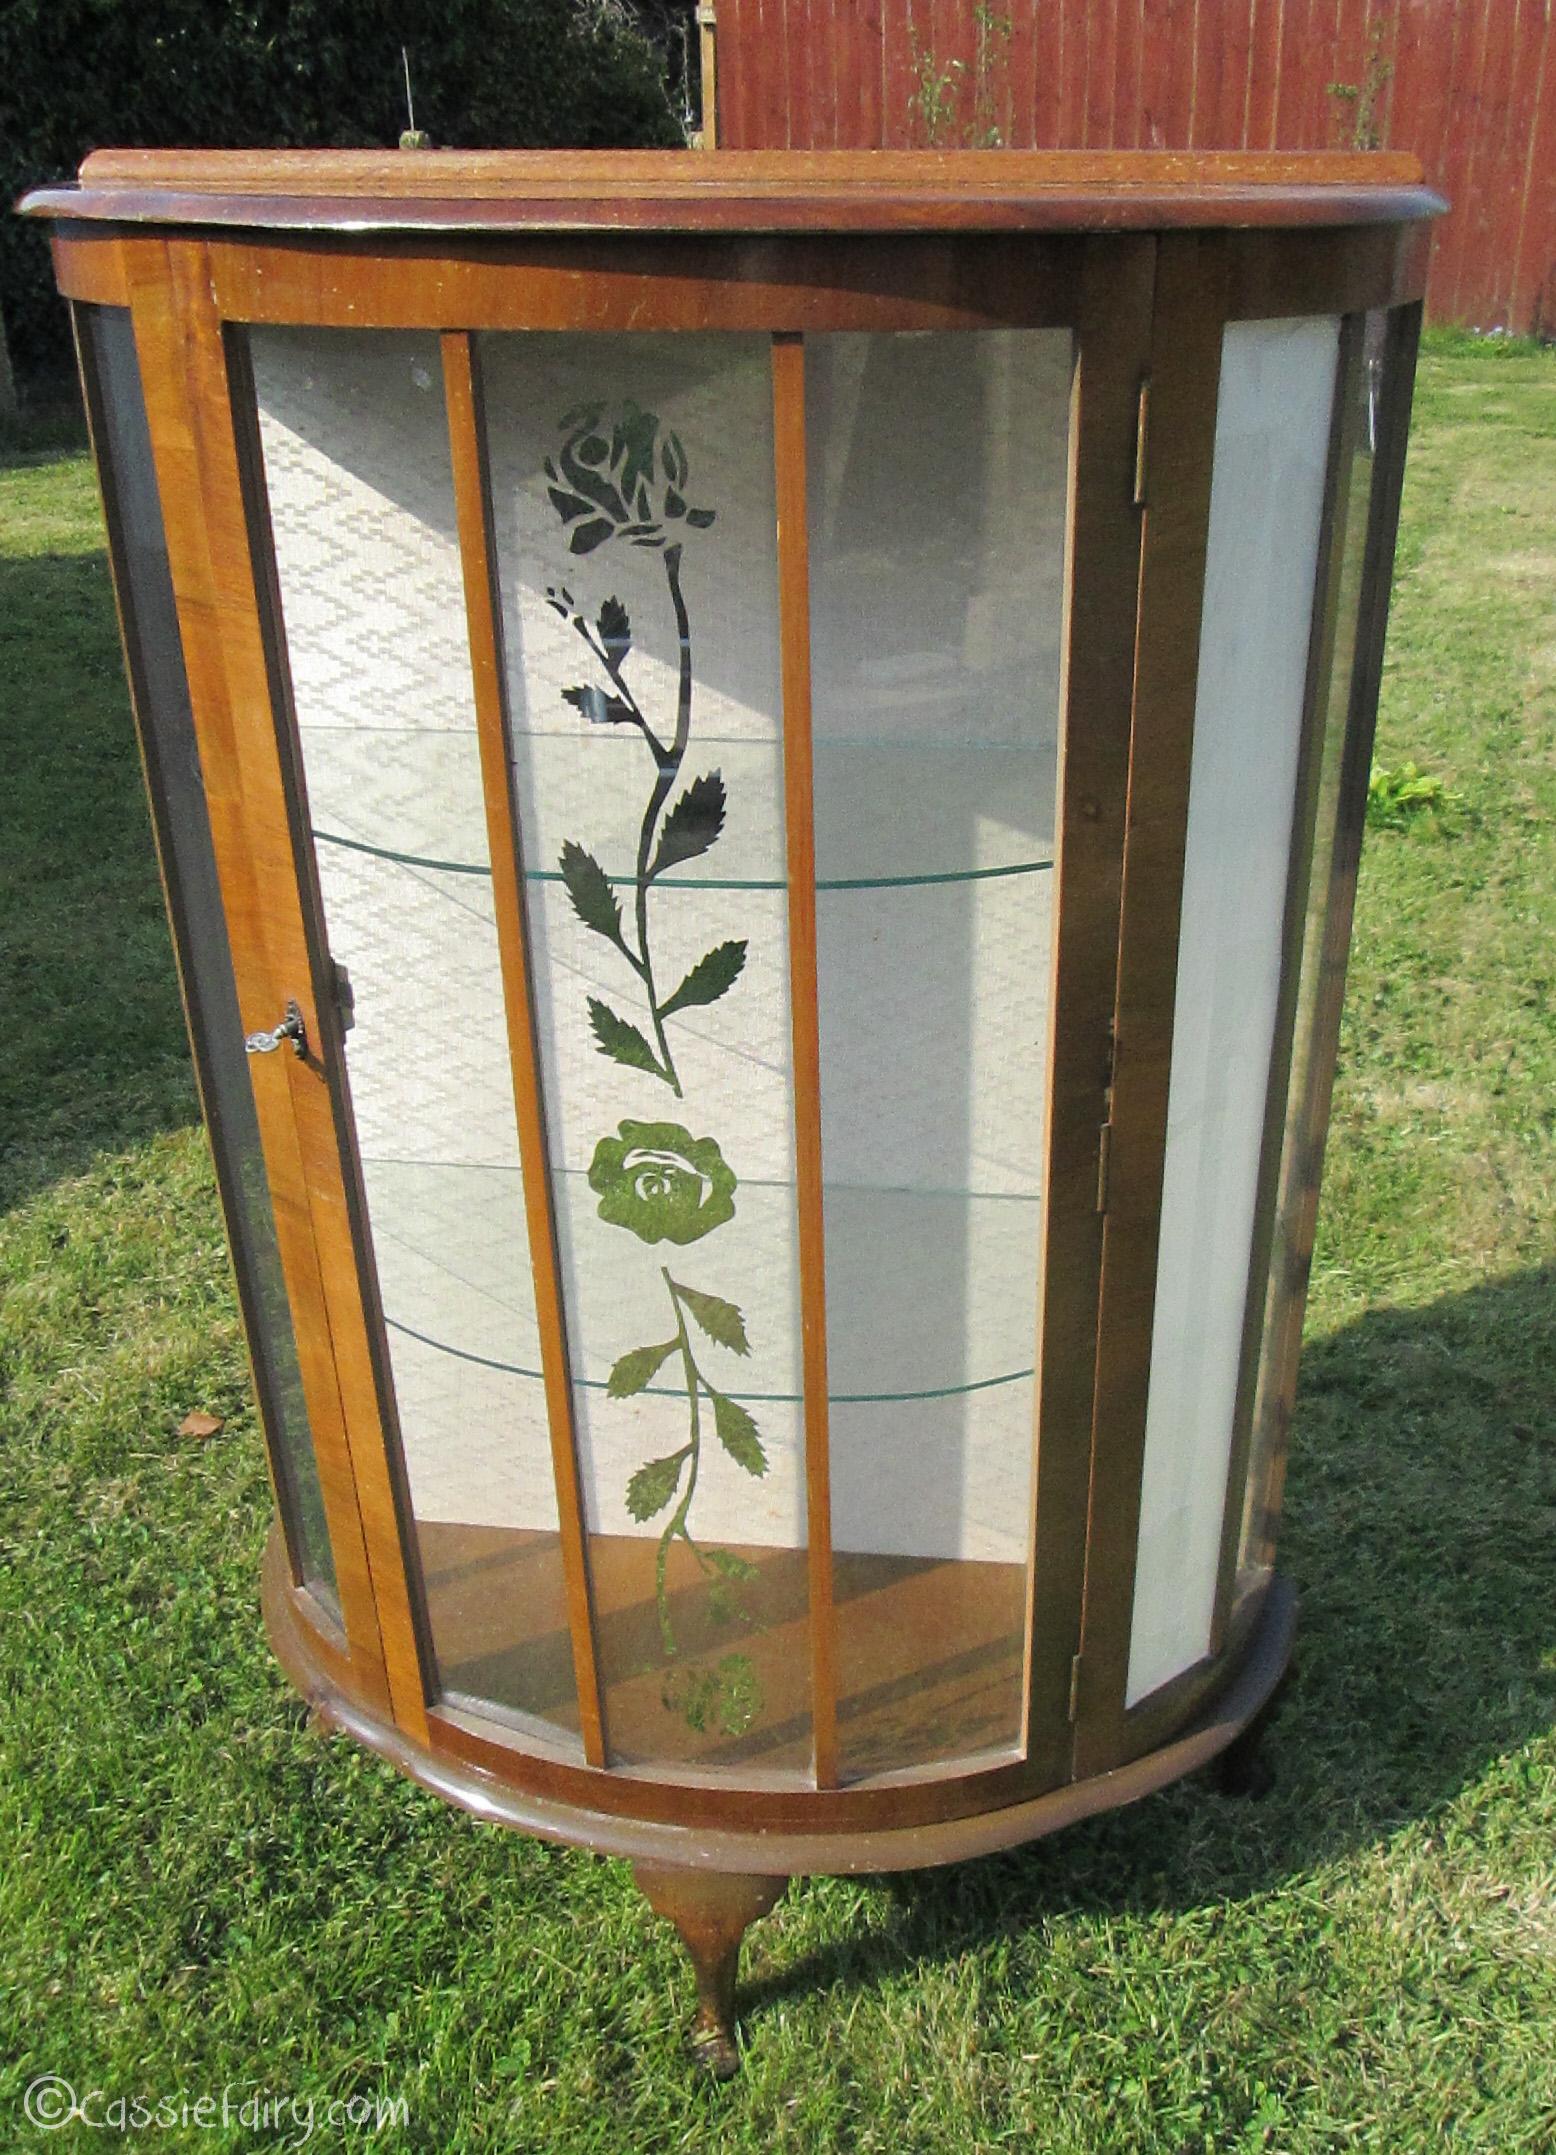 Vintage caravan project - DIY painted cabinet furniture makeover-4